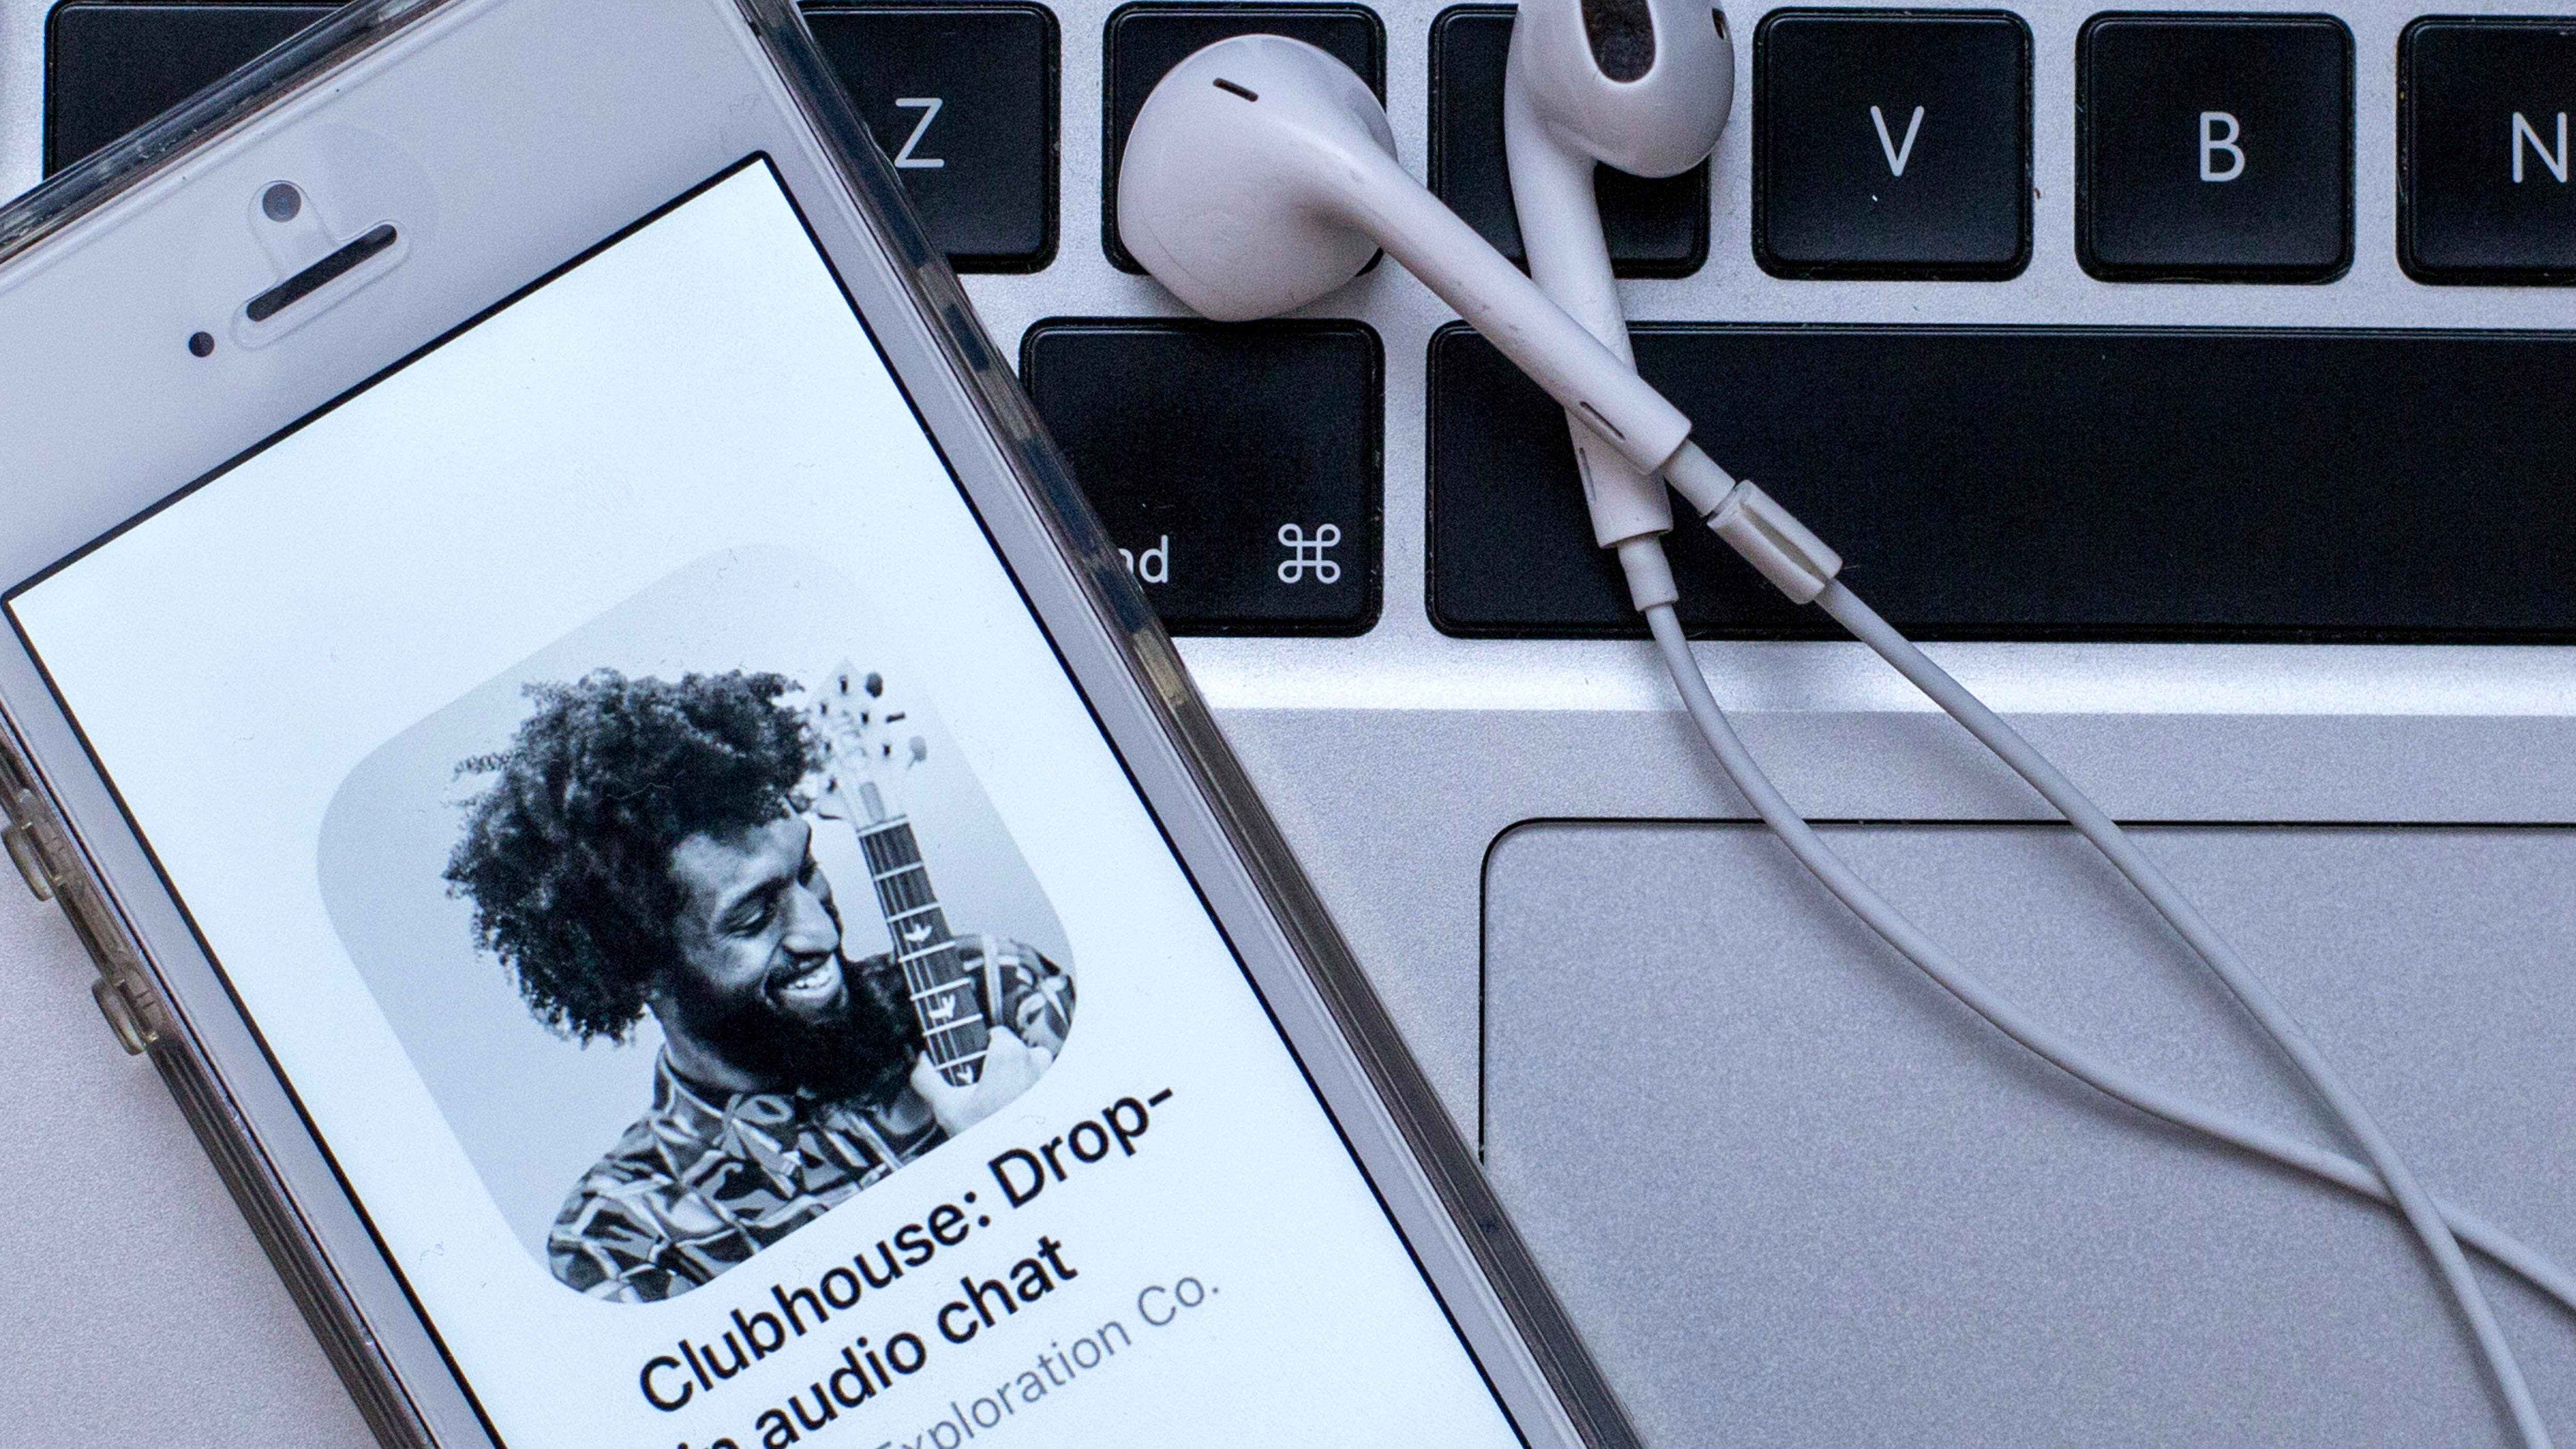 Clubhouse App Room erstellen: Funktion & Nutzung